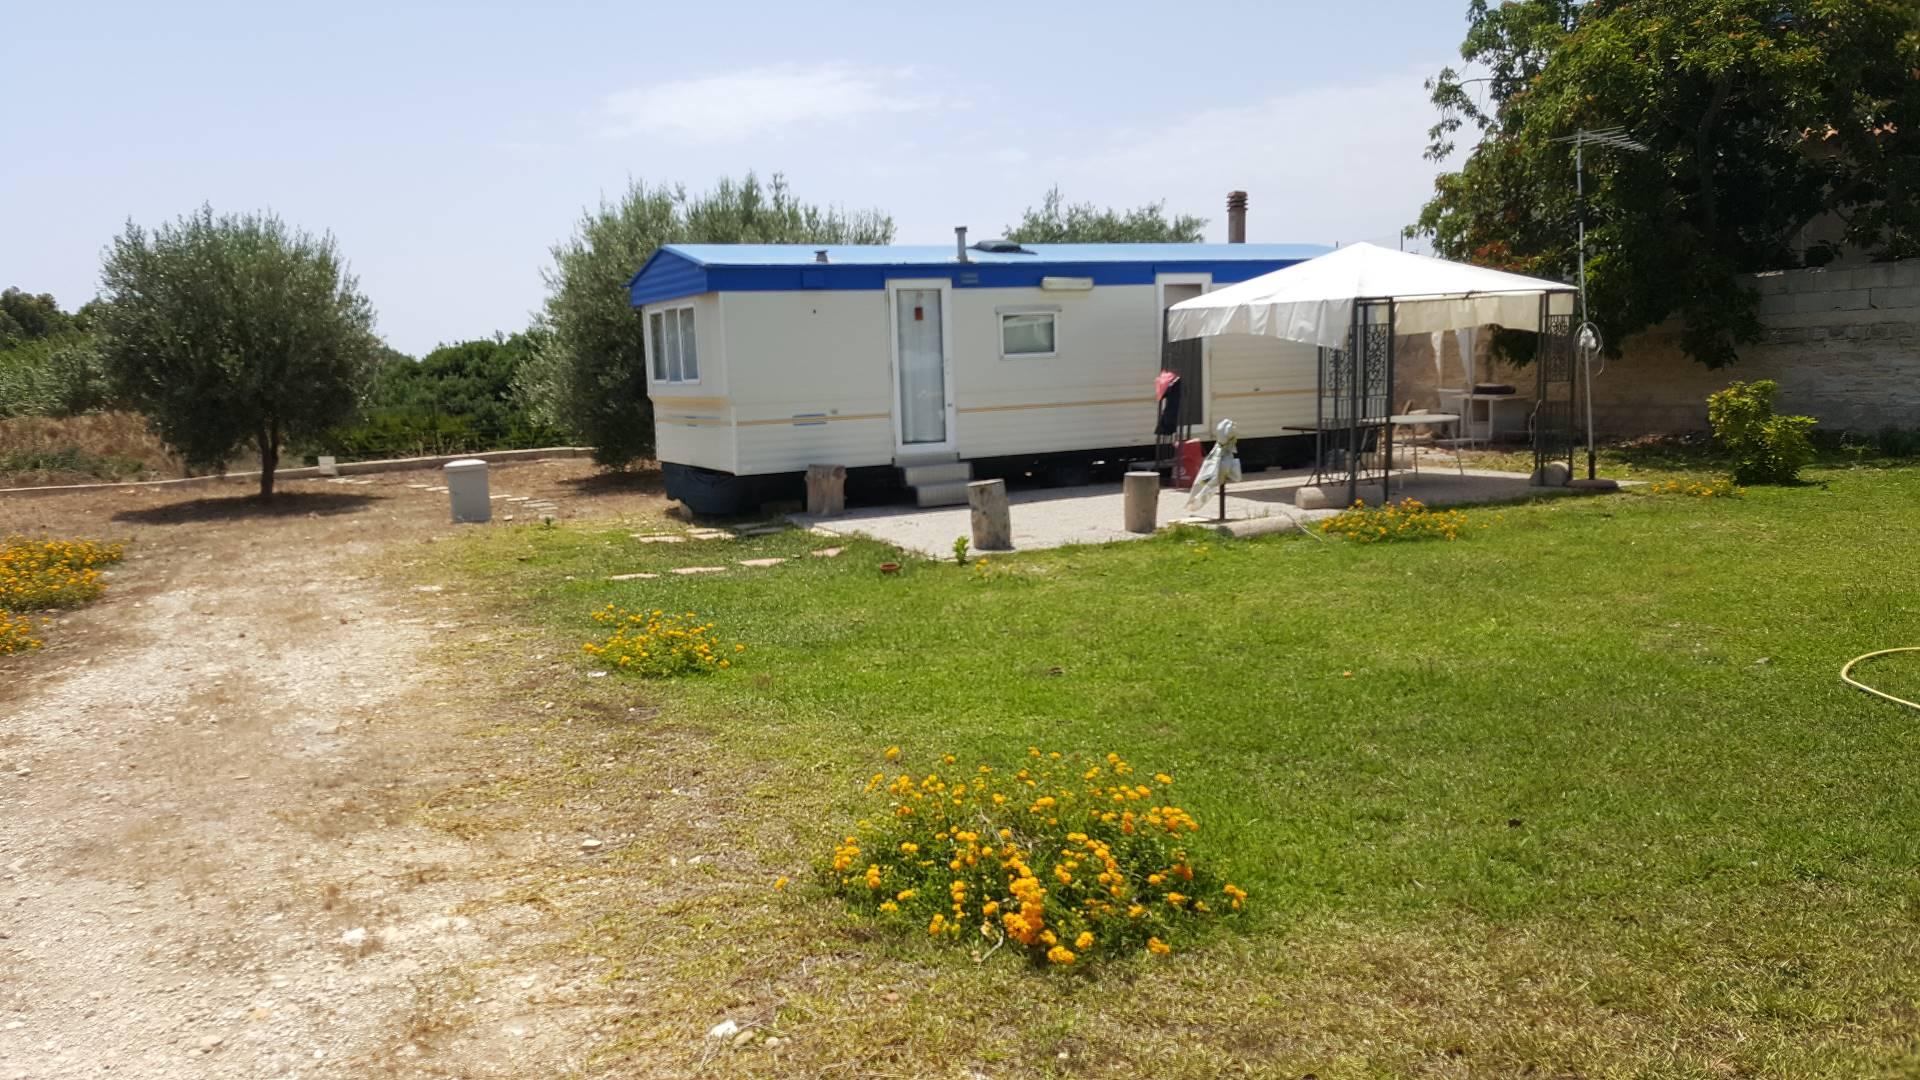 Terreno Edificabile Residenziale in vendita a Siracusa, 9999 locali, zona Zona: Cassibile, prezzo € 90.000 | Cambio Casa.it